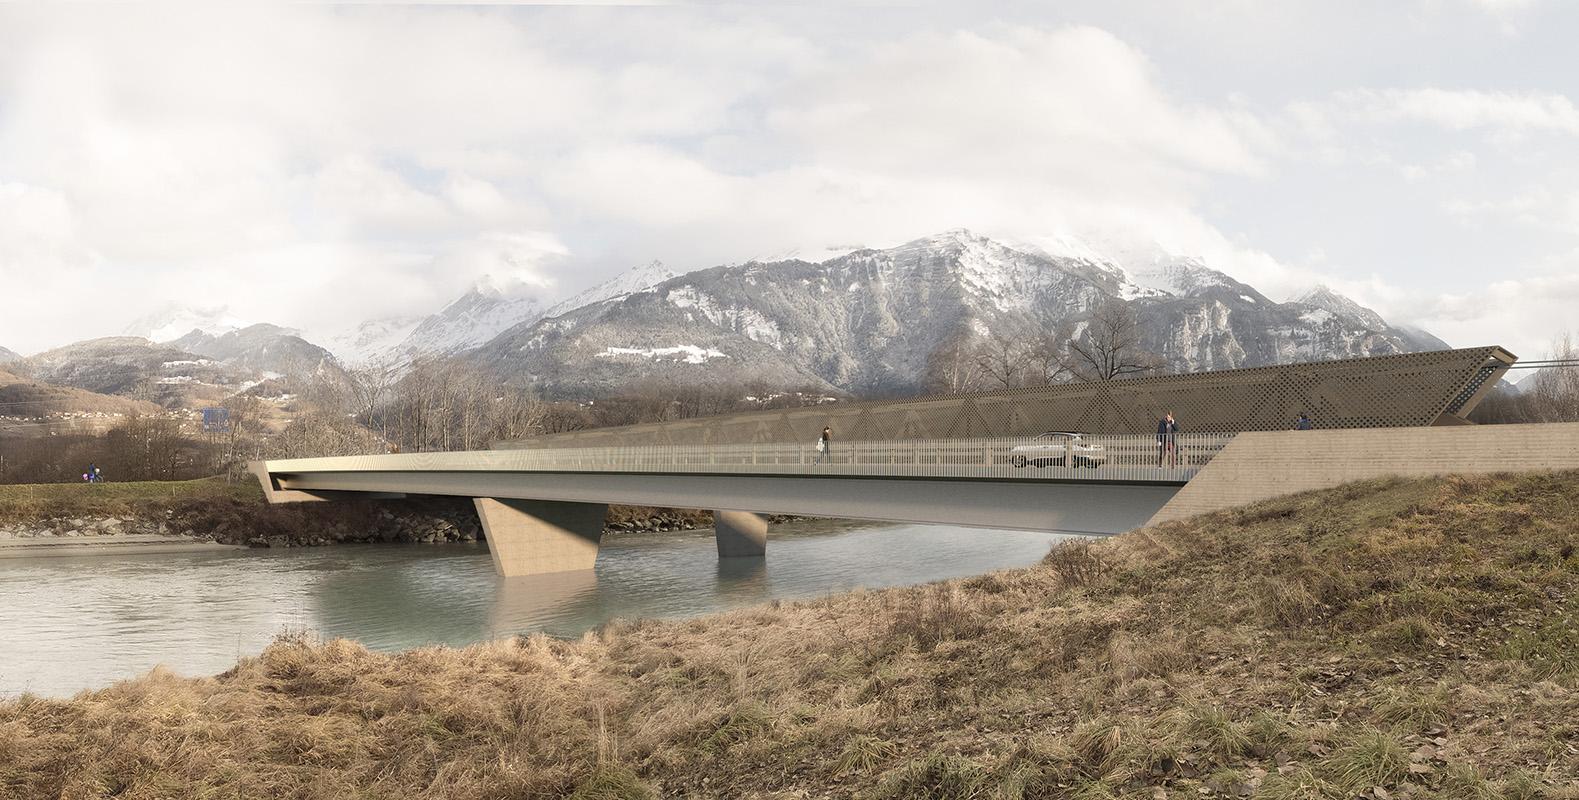 concours d'ingénierie pour la construction d'un pont ferroviaire et d'un pont routier, St-Triphon - 2017 - cheseauxrey sàrl